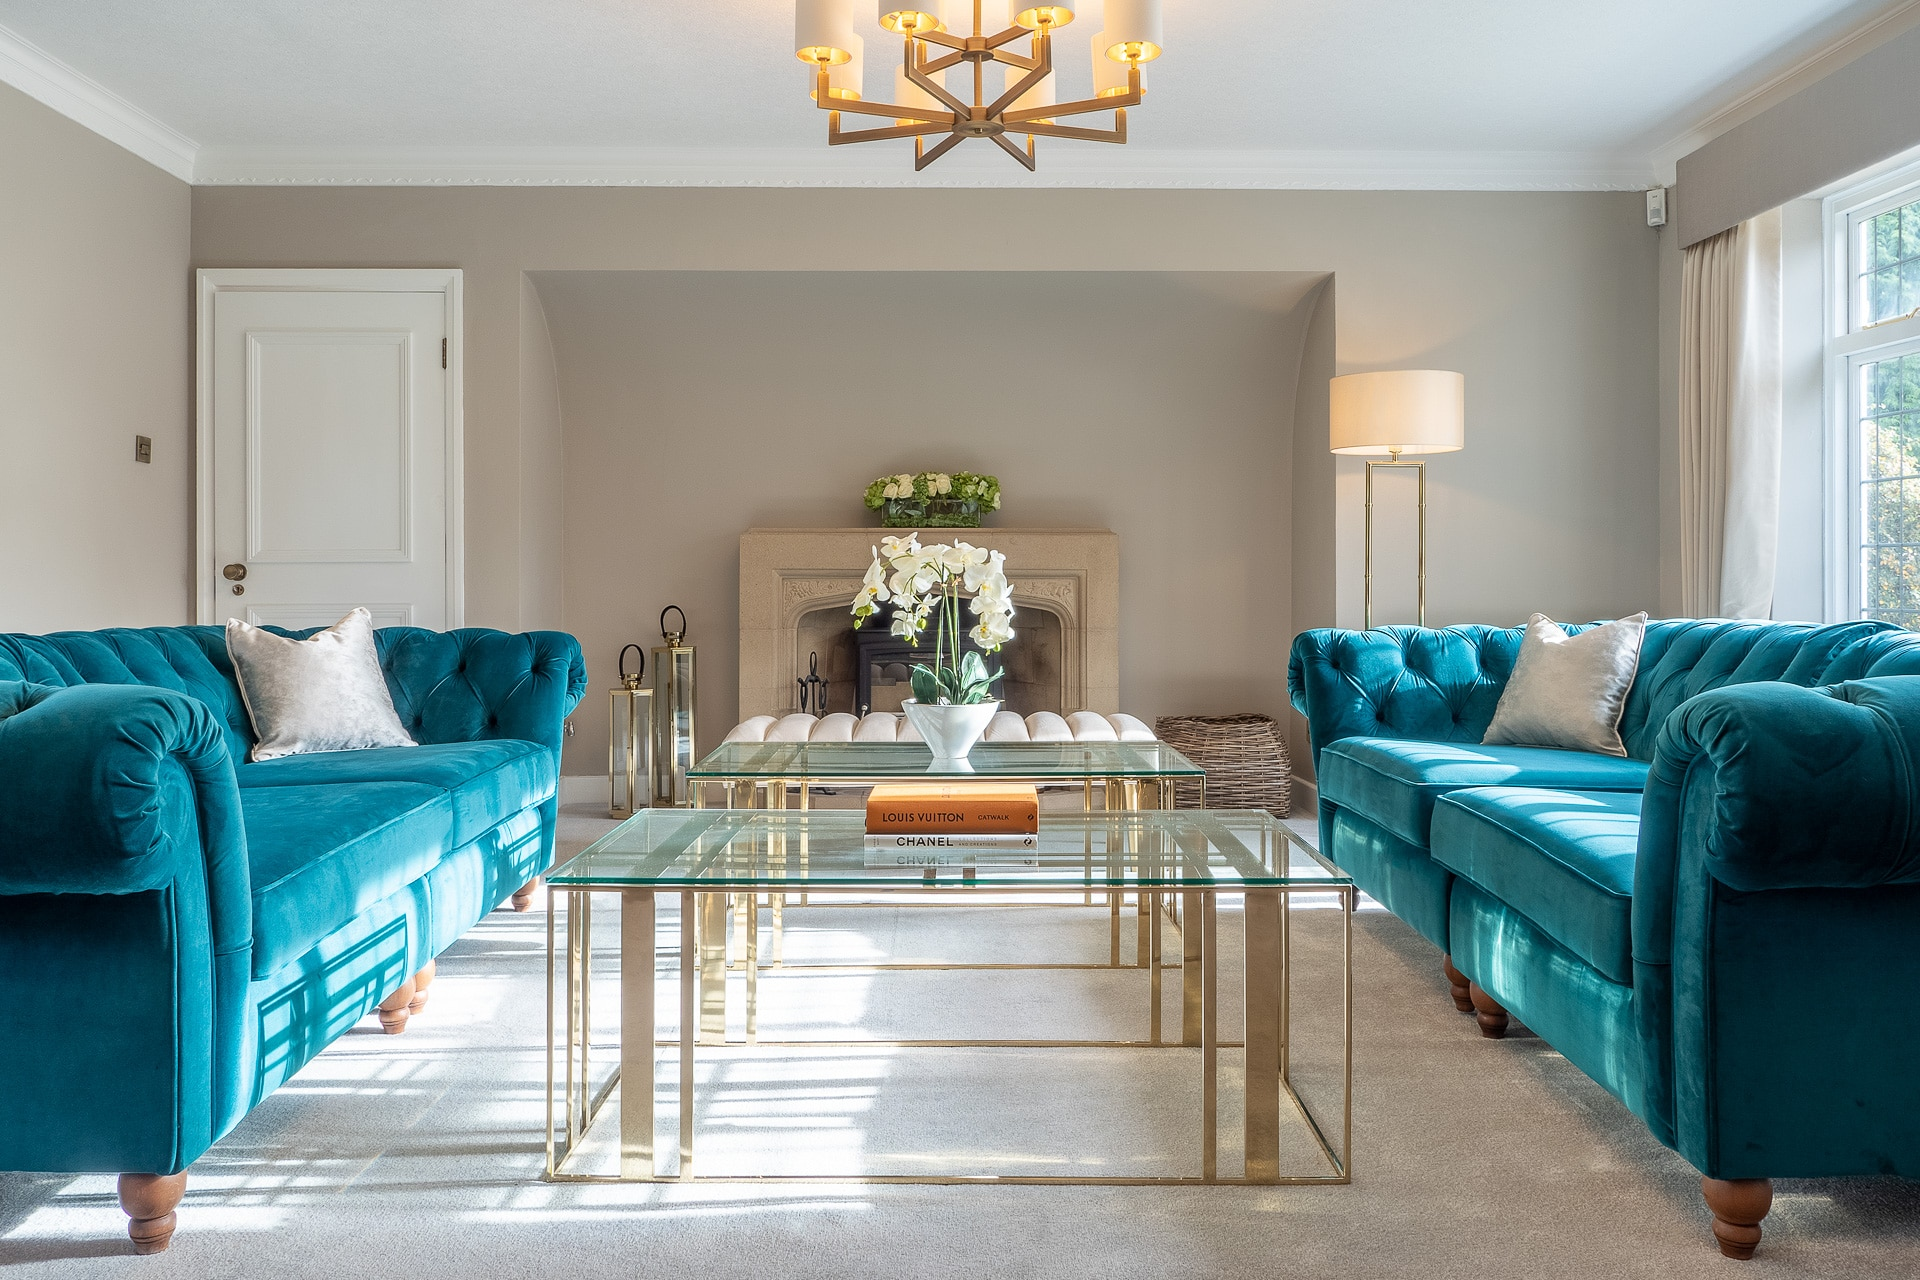 Stourbridge Living Room